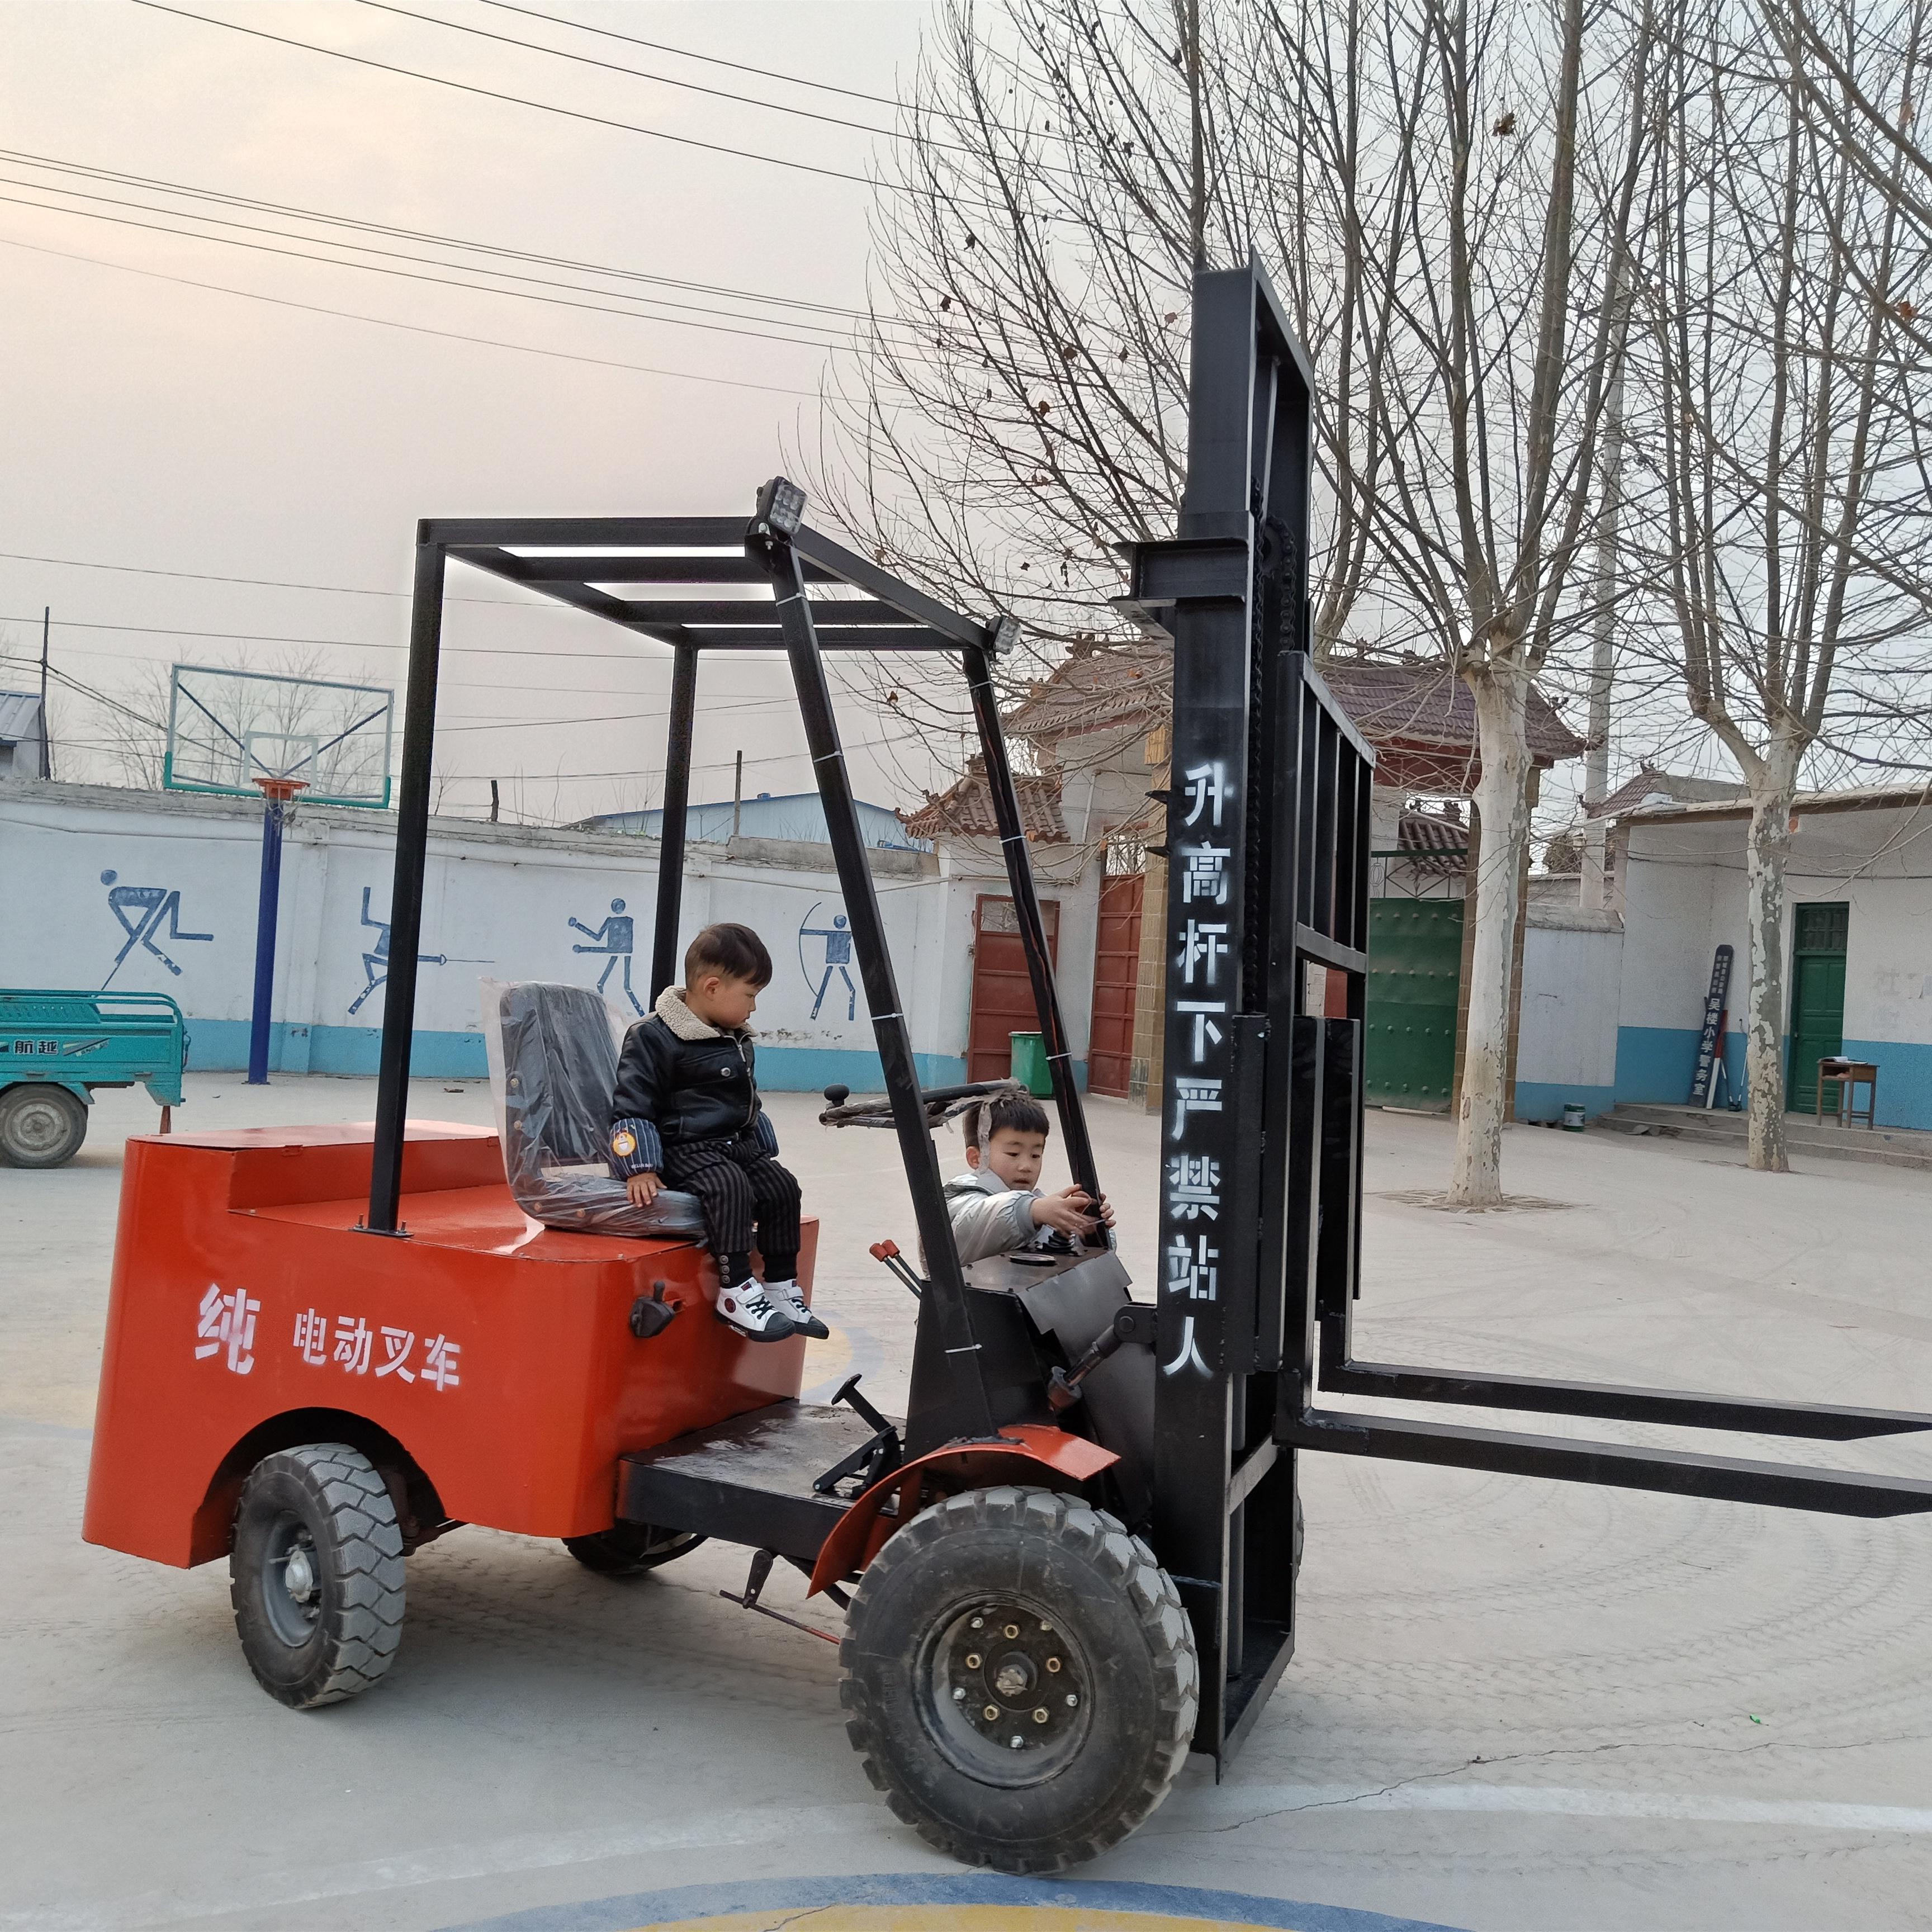 1吨叉车多少钱 哪里有卖叉车的 小型电动叉车